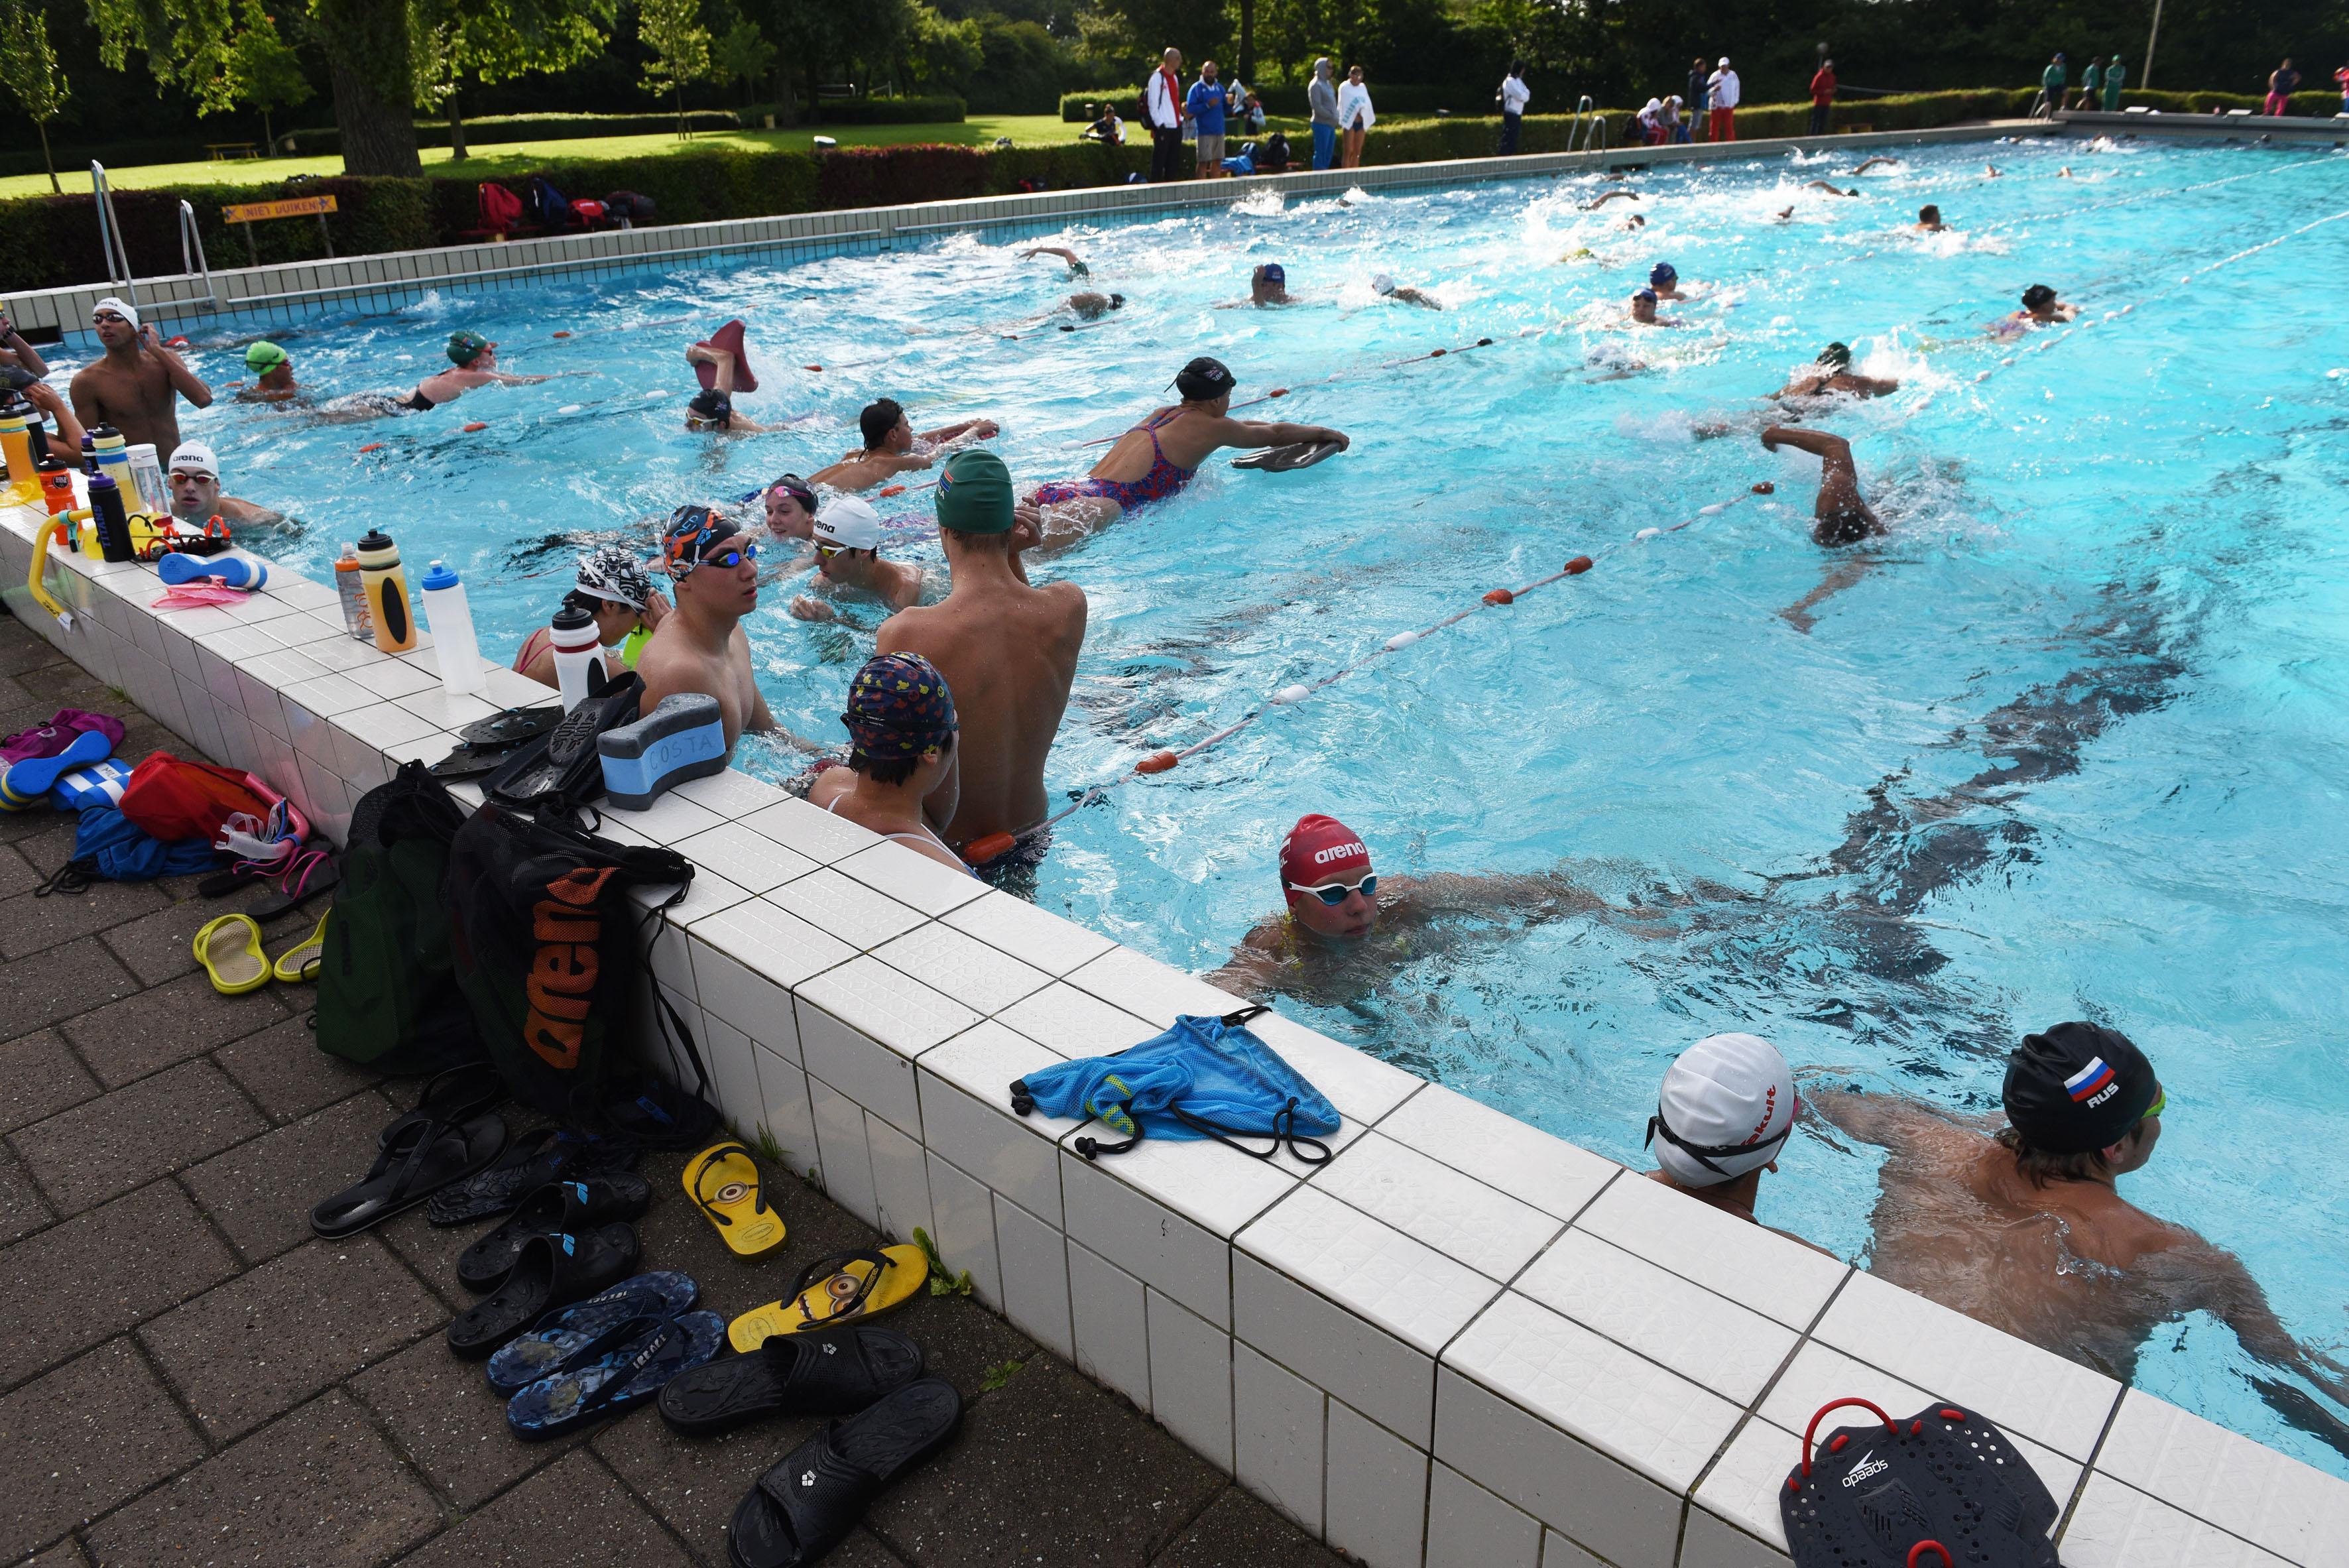 Veilig afkoelen in de zomerhitte, leg alvast je handdoek neer bij het plaatselijke zwembad